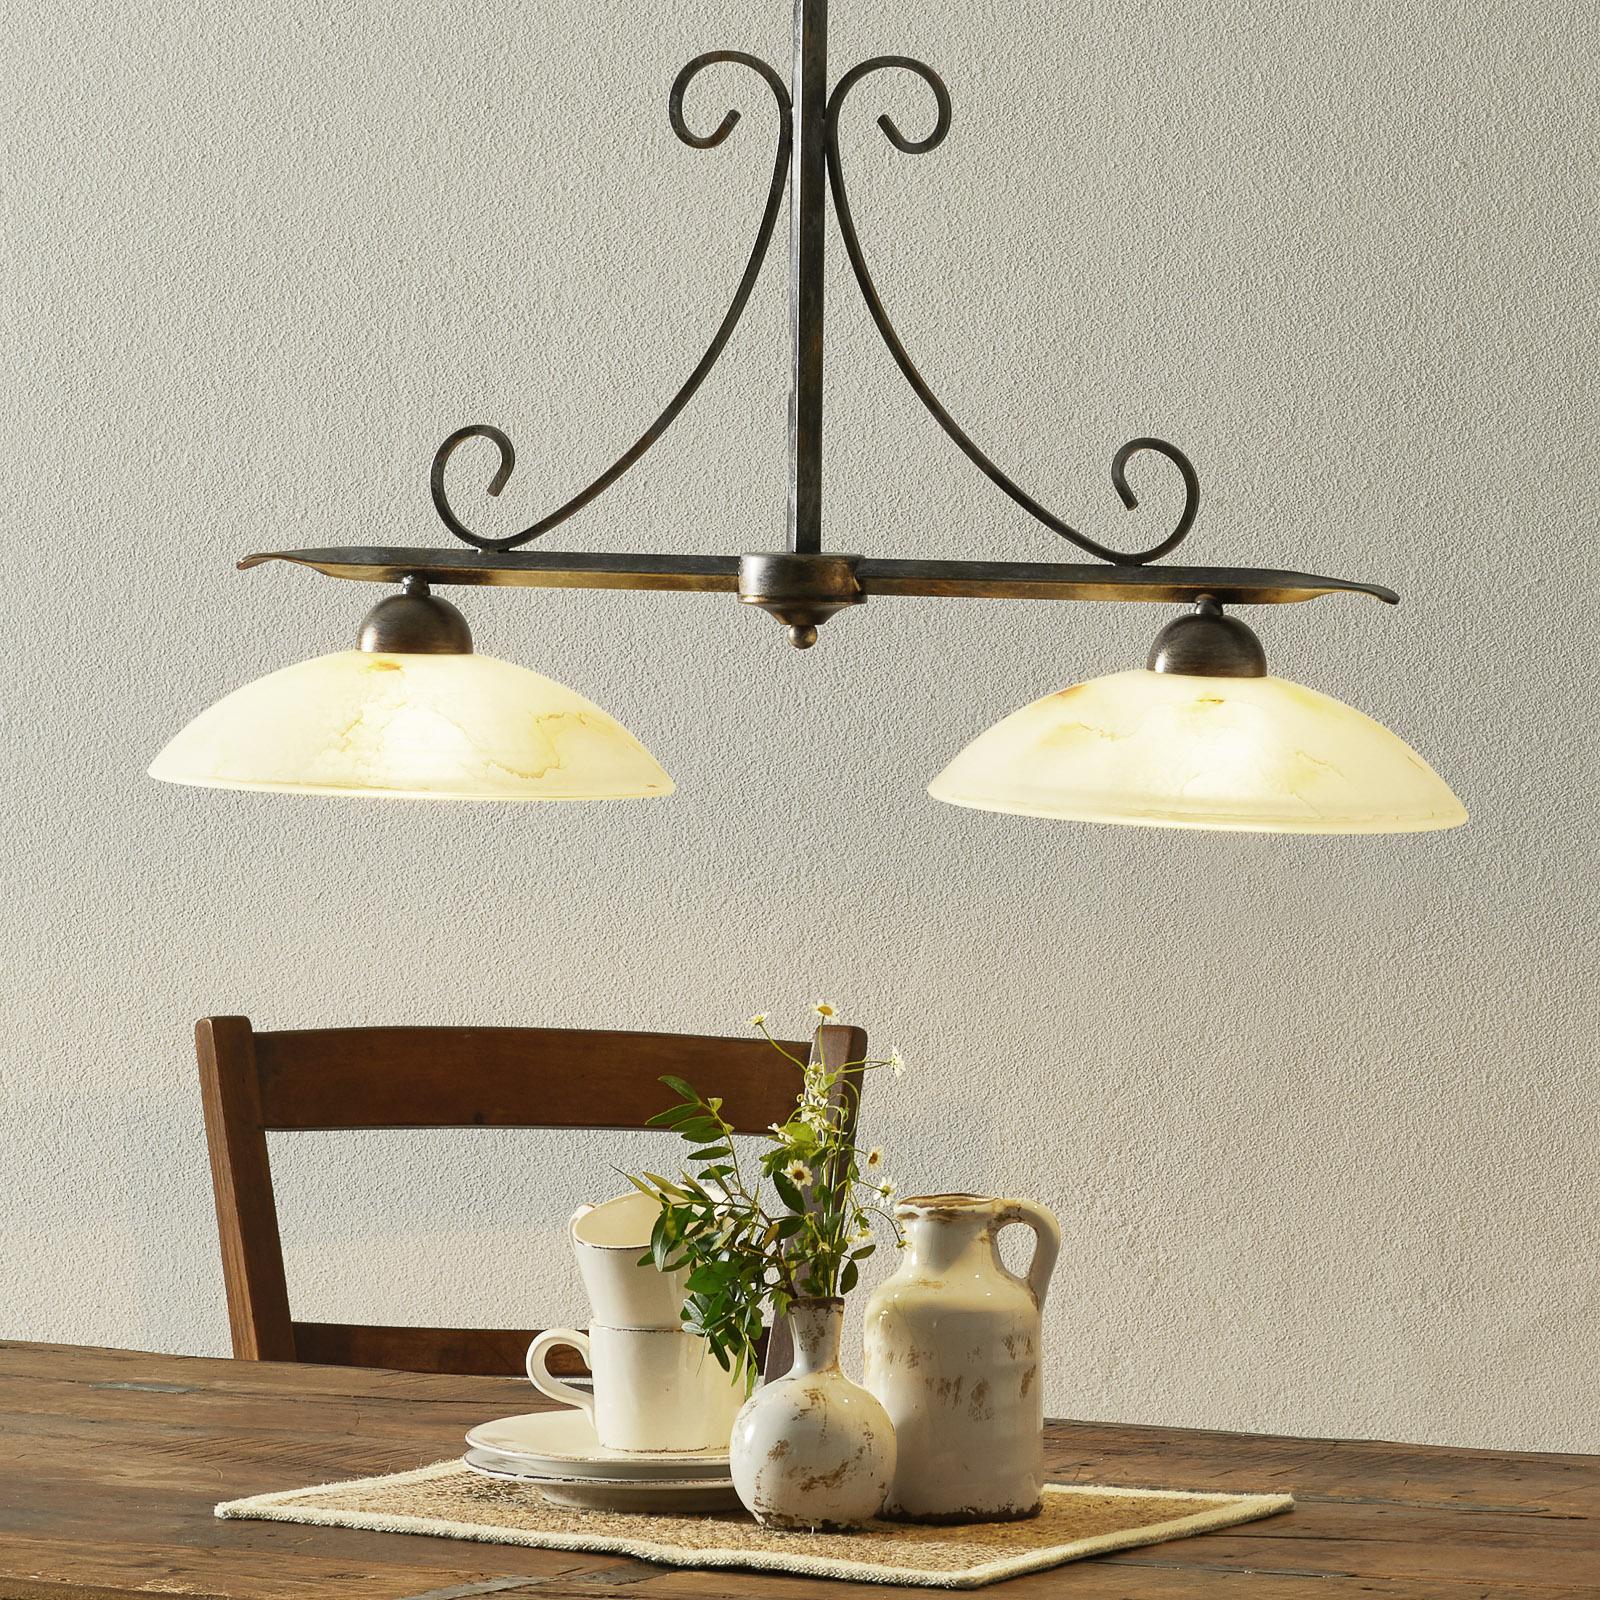 Dana hængelampe i landlig stil, 2 lyskilder